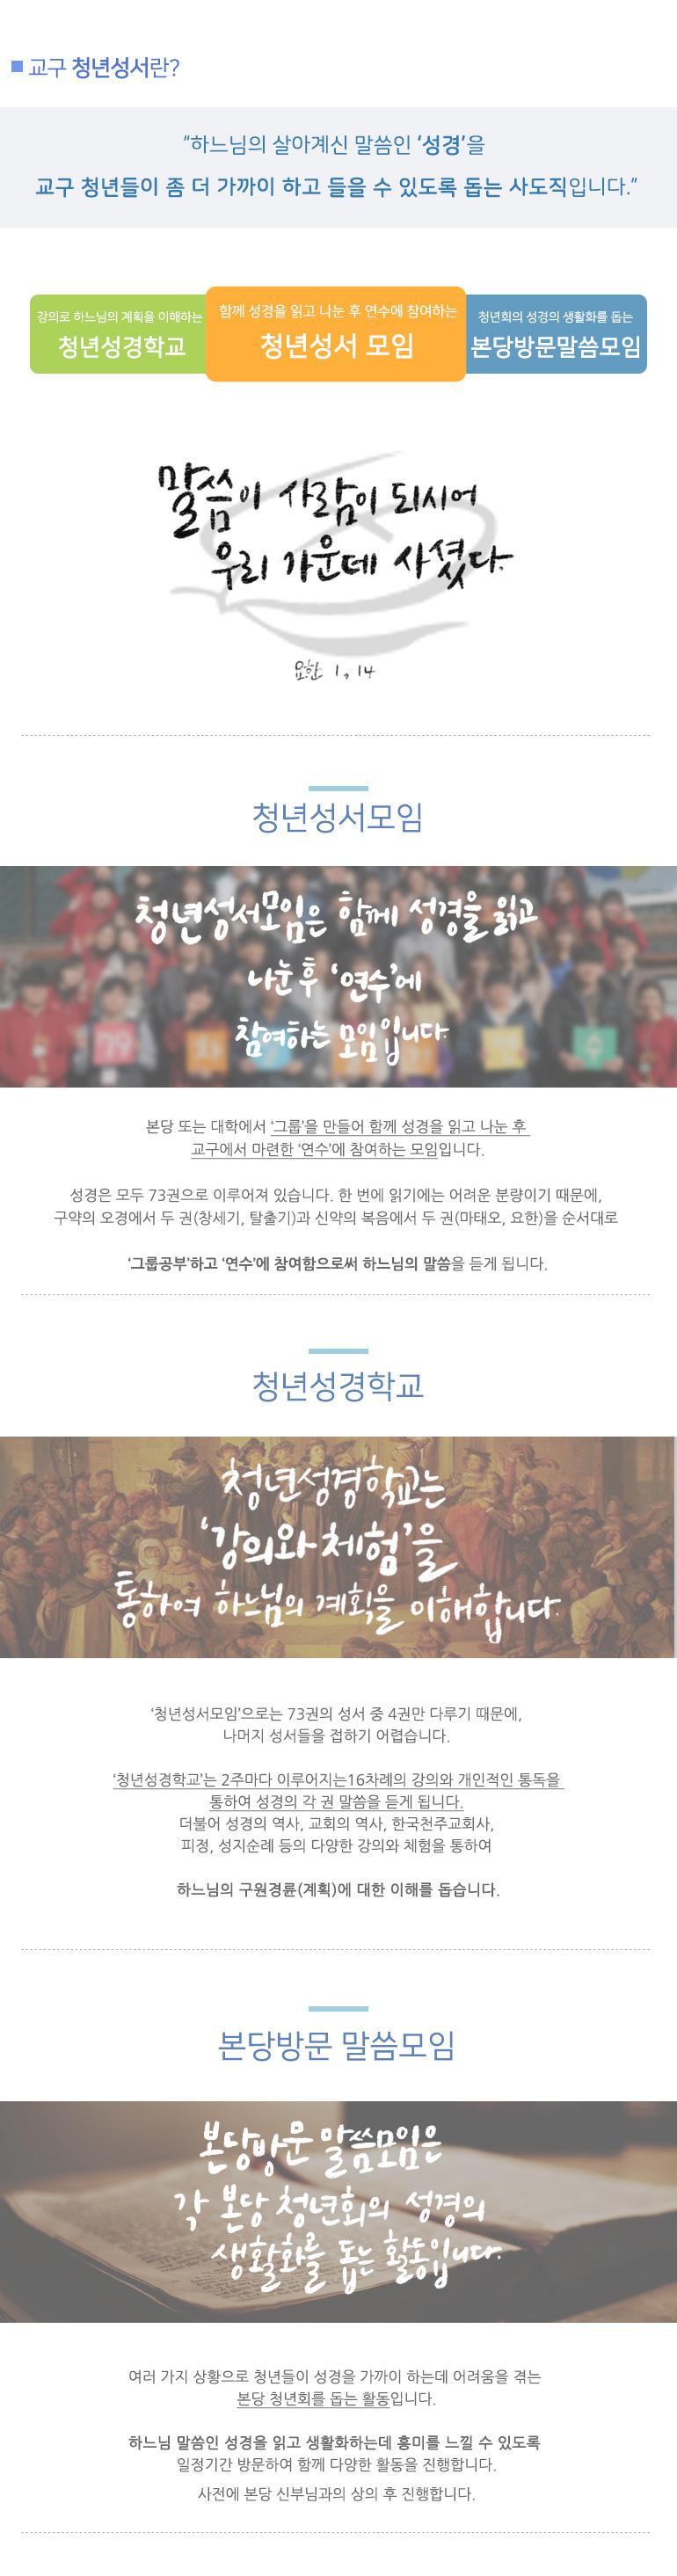 청년성서소개1.jpg